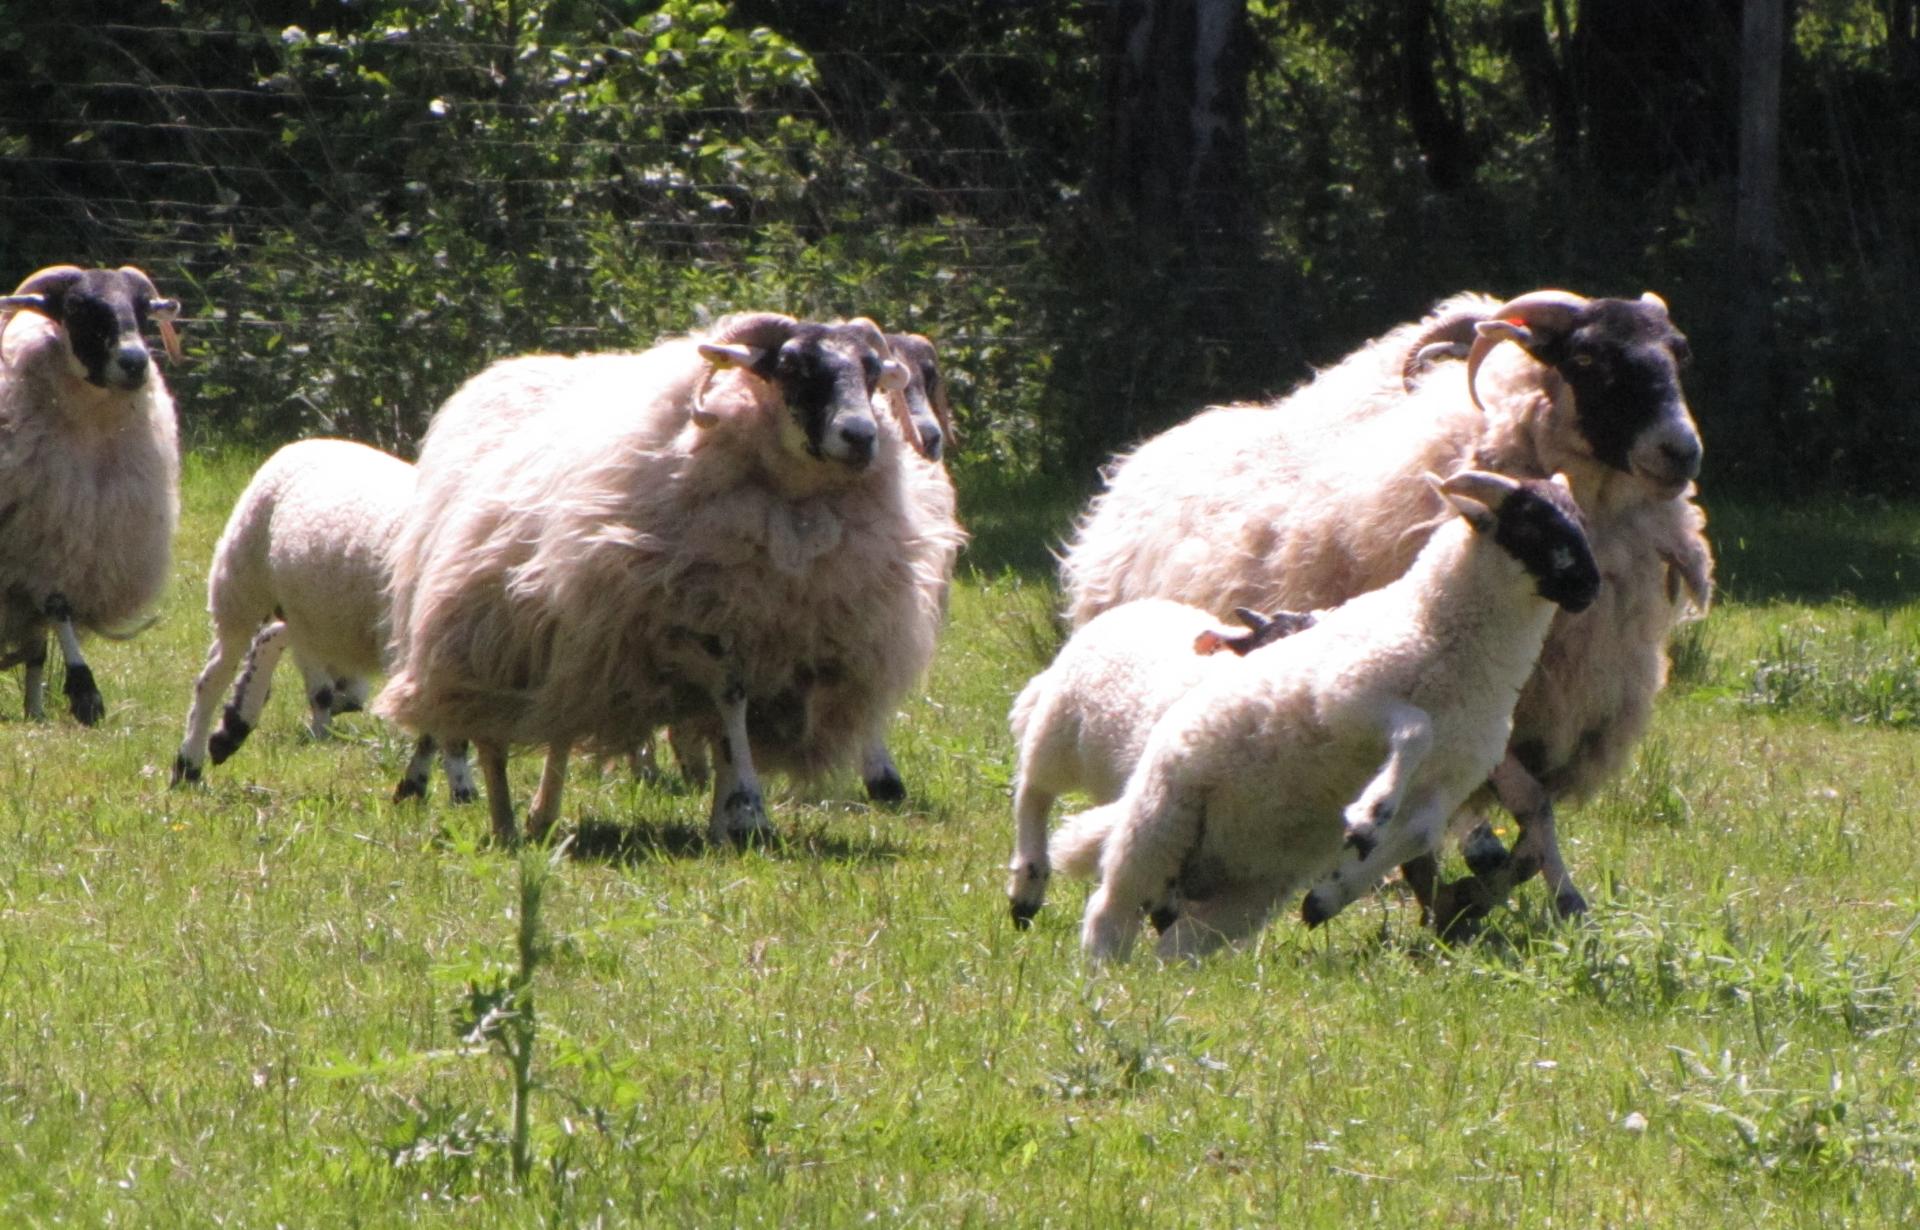 filescottish blackface ewes and jumping lambpng